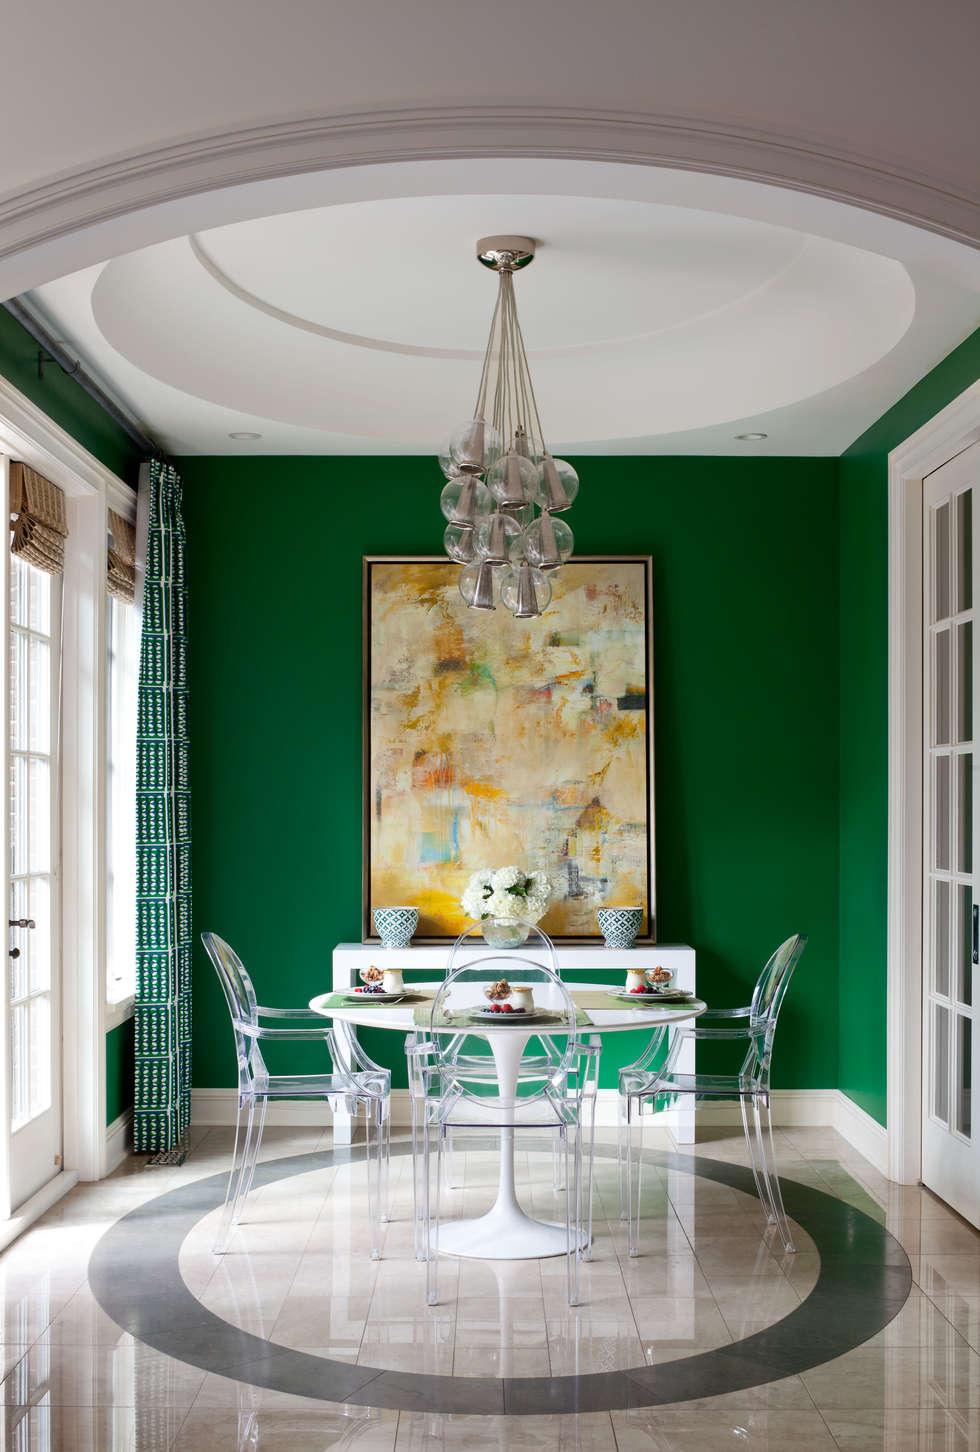 Comedores de estilo ecléctico por Andrea Schumacher Interiors